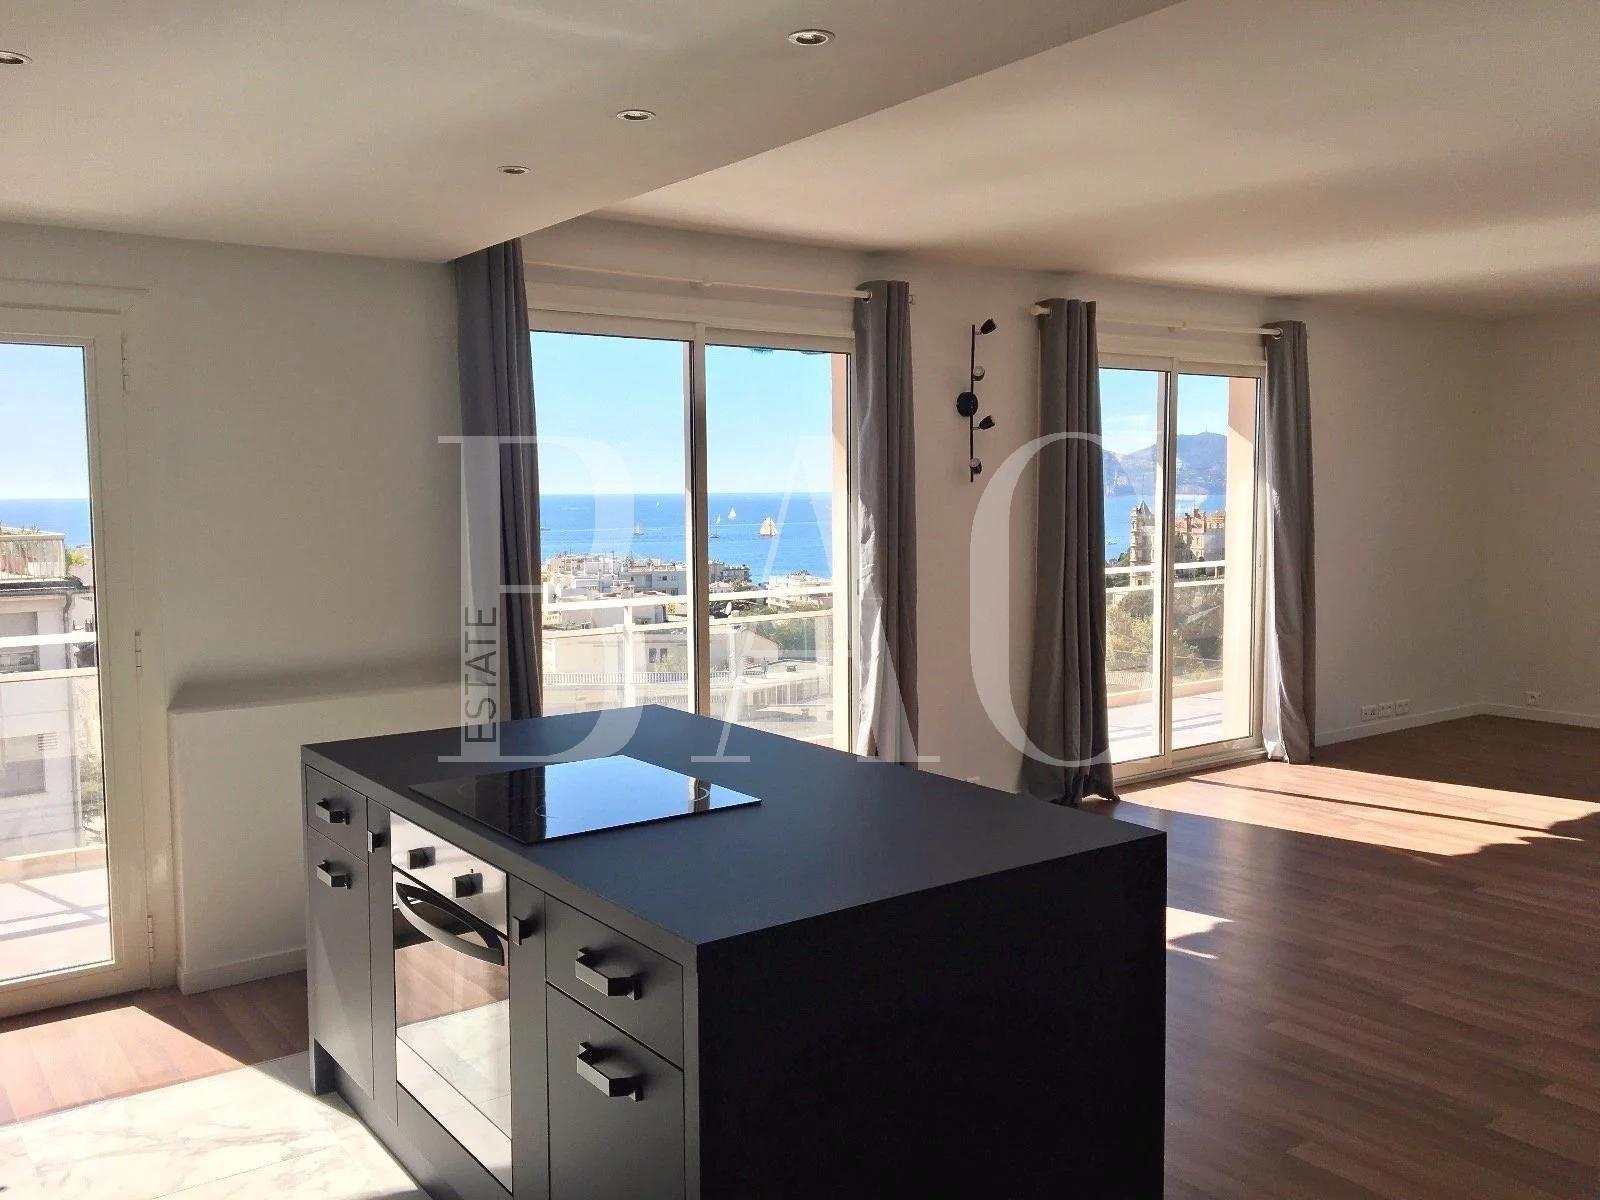 戛纳,美丽的公寓,面积达100平方米,在顶层设有露台,可欣赏美丽的海景,距离福维尔市场仅550米